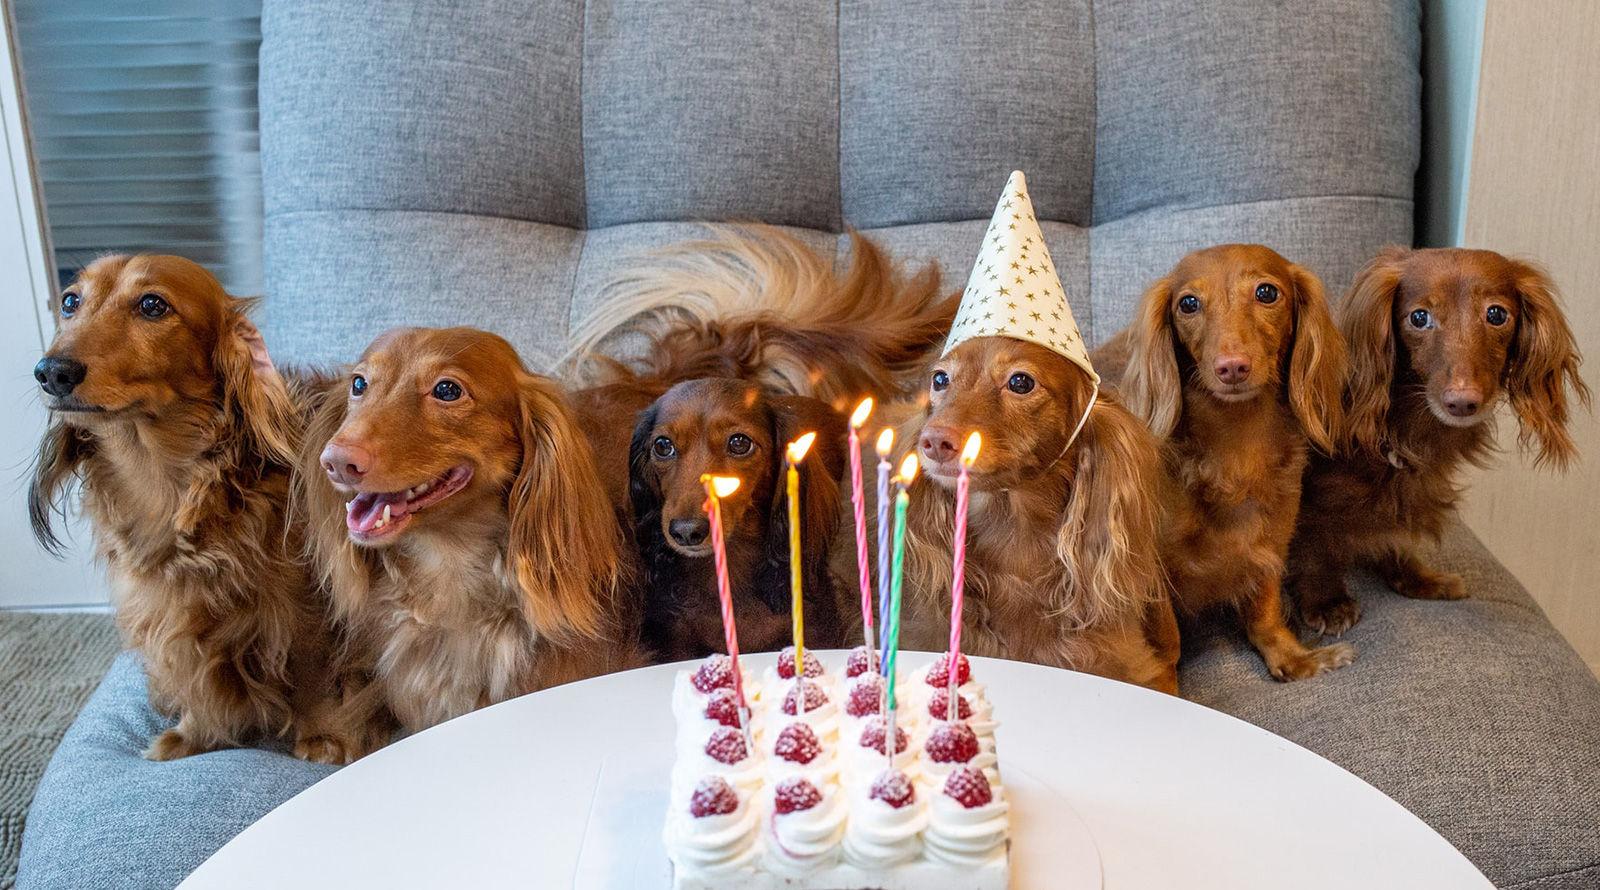 Trouvez votre raison de célébrer avec un rendez-vous de santé et de bien-être gratuit pour votre animal de compagnie!